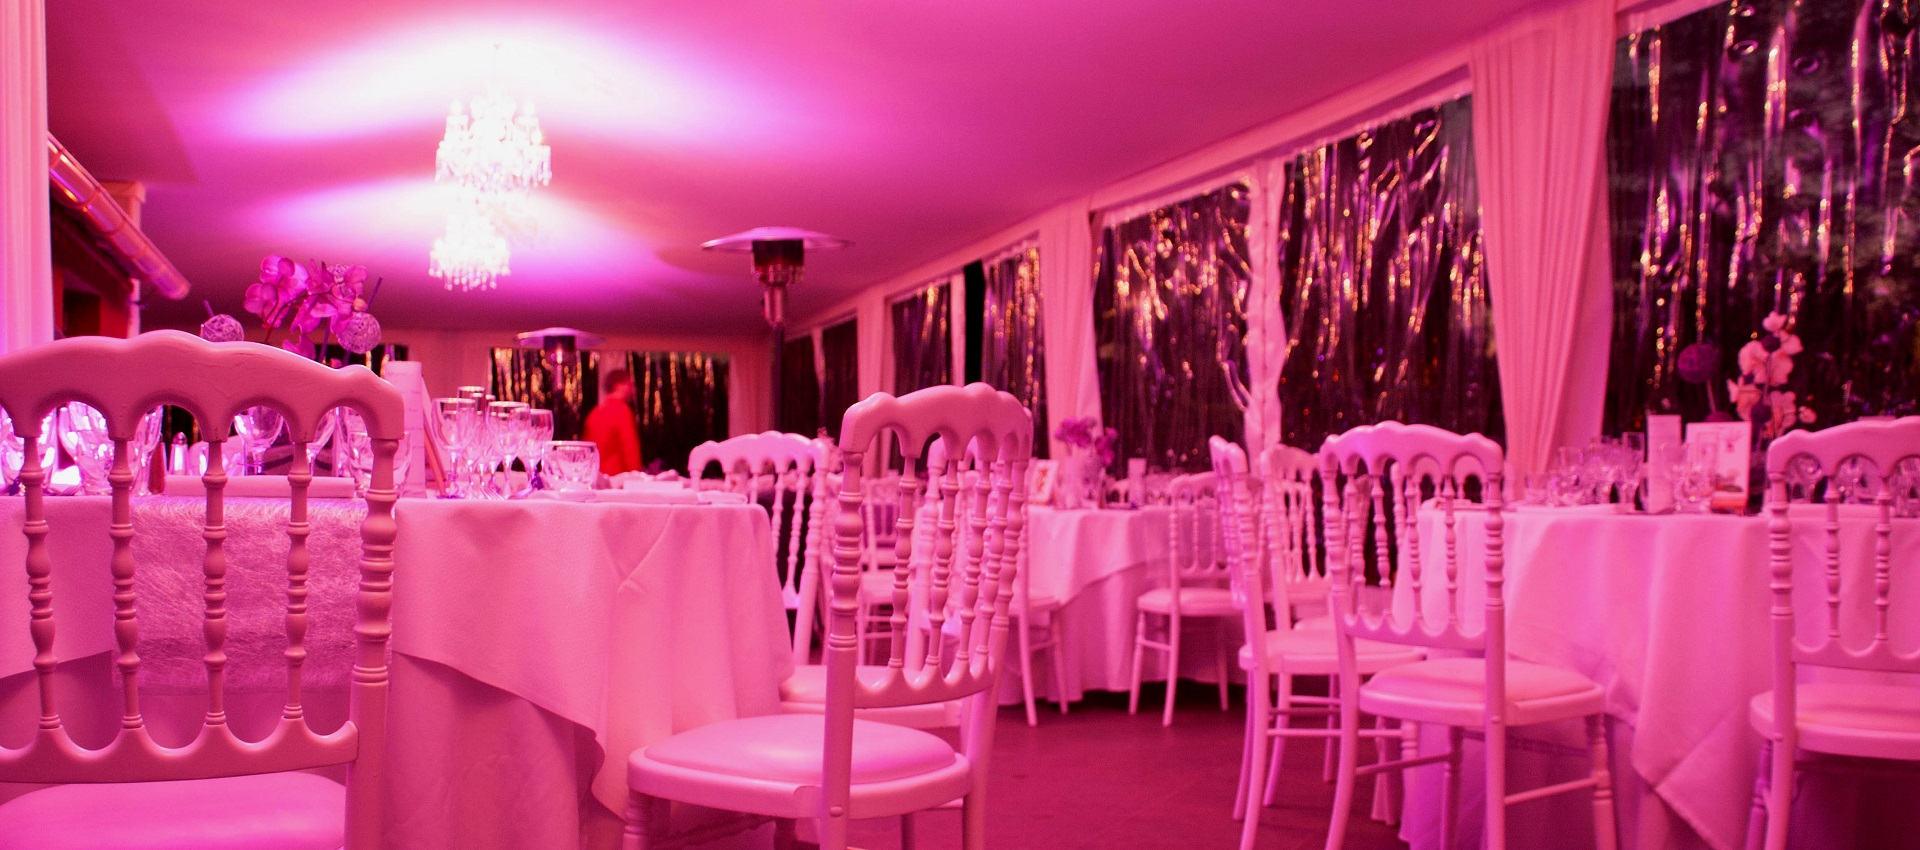 éclairage décoratif de la salle de mariage